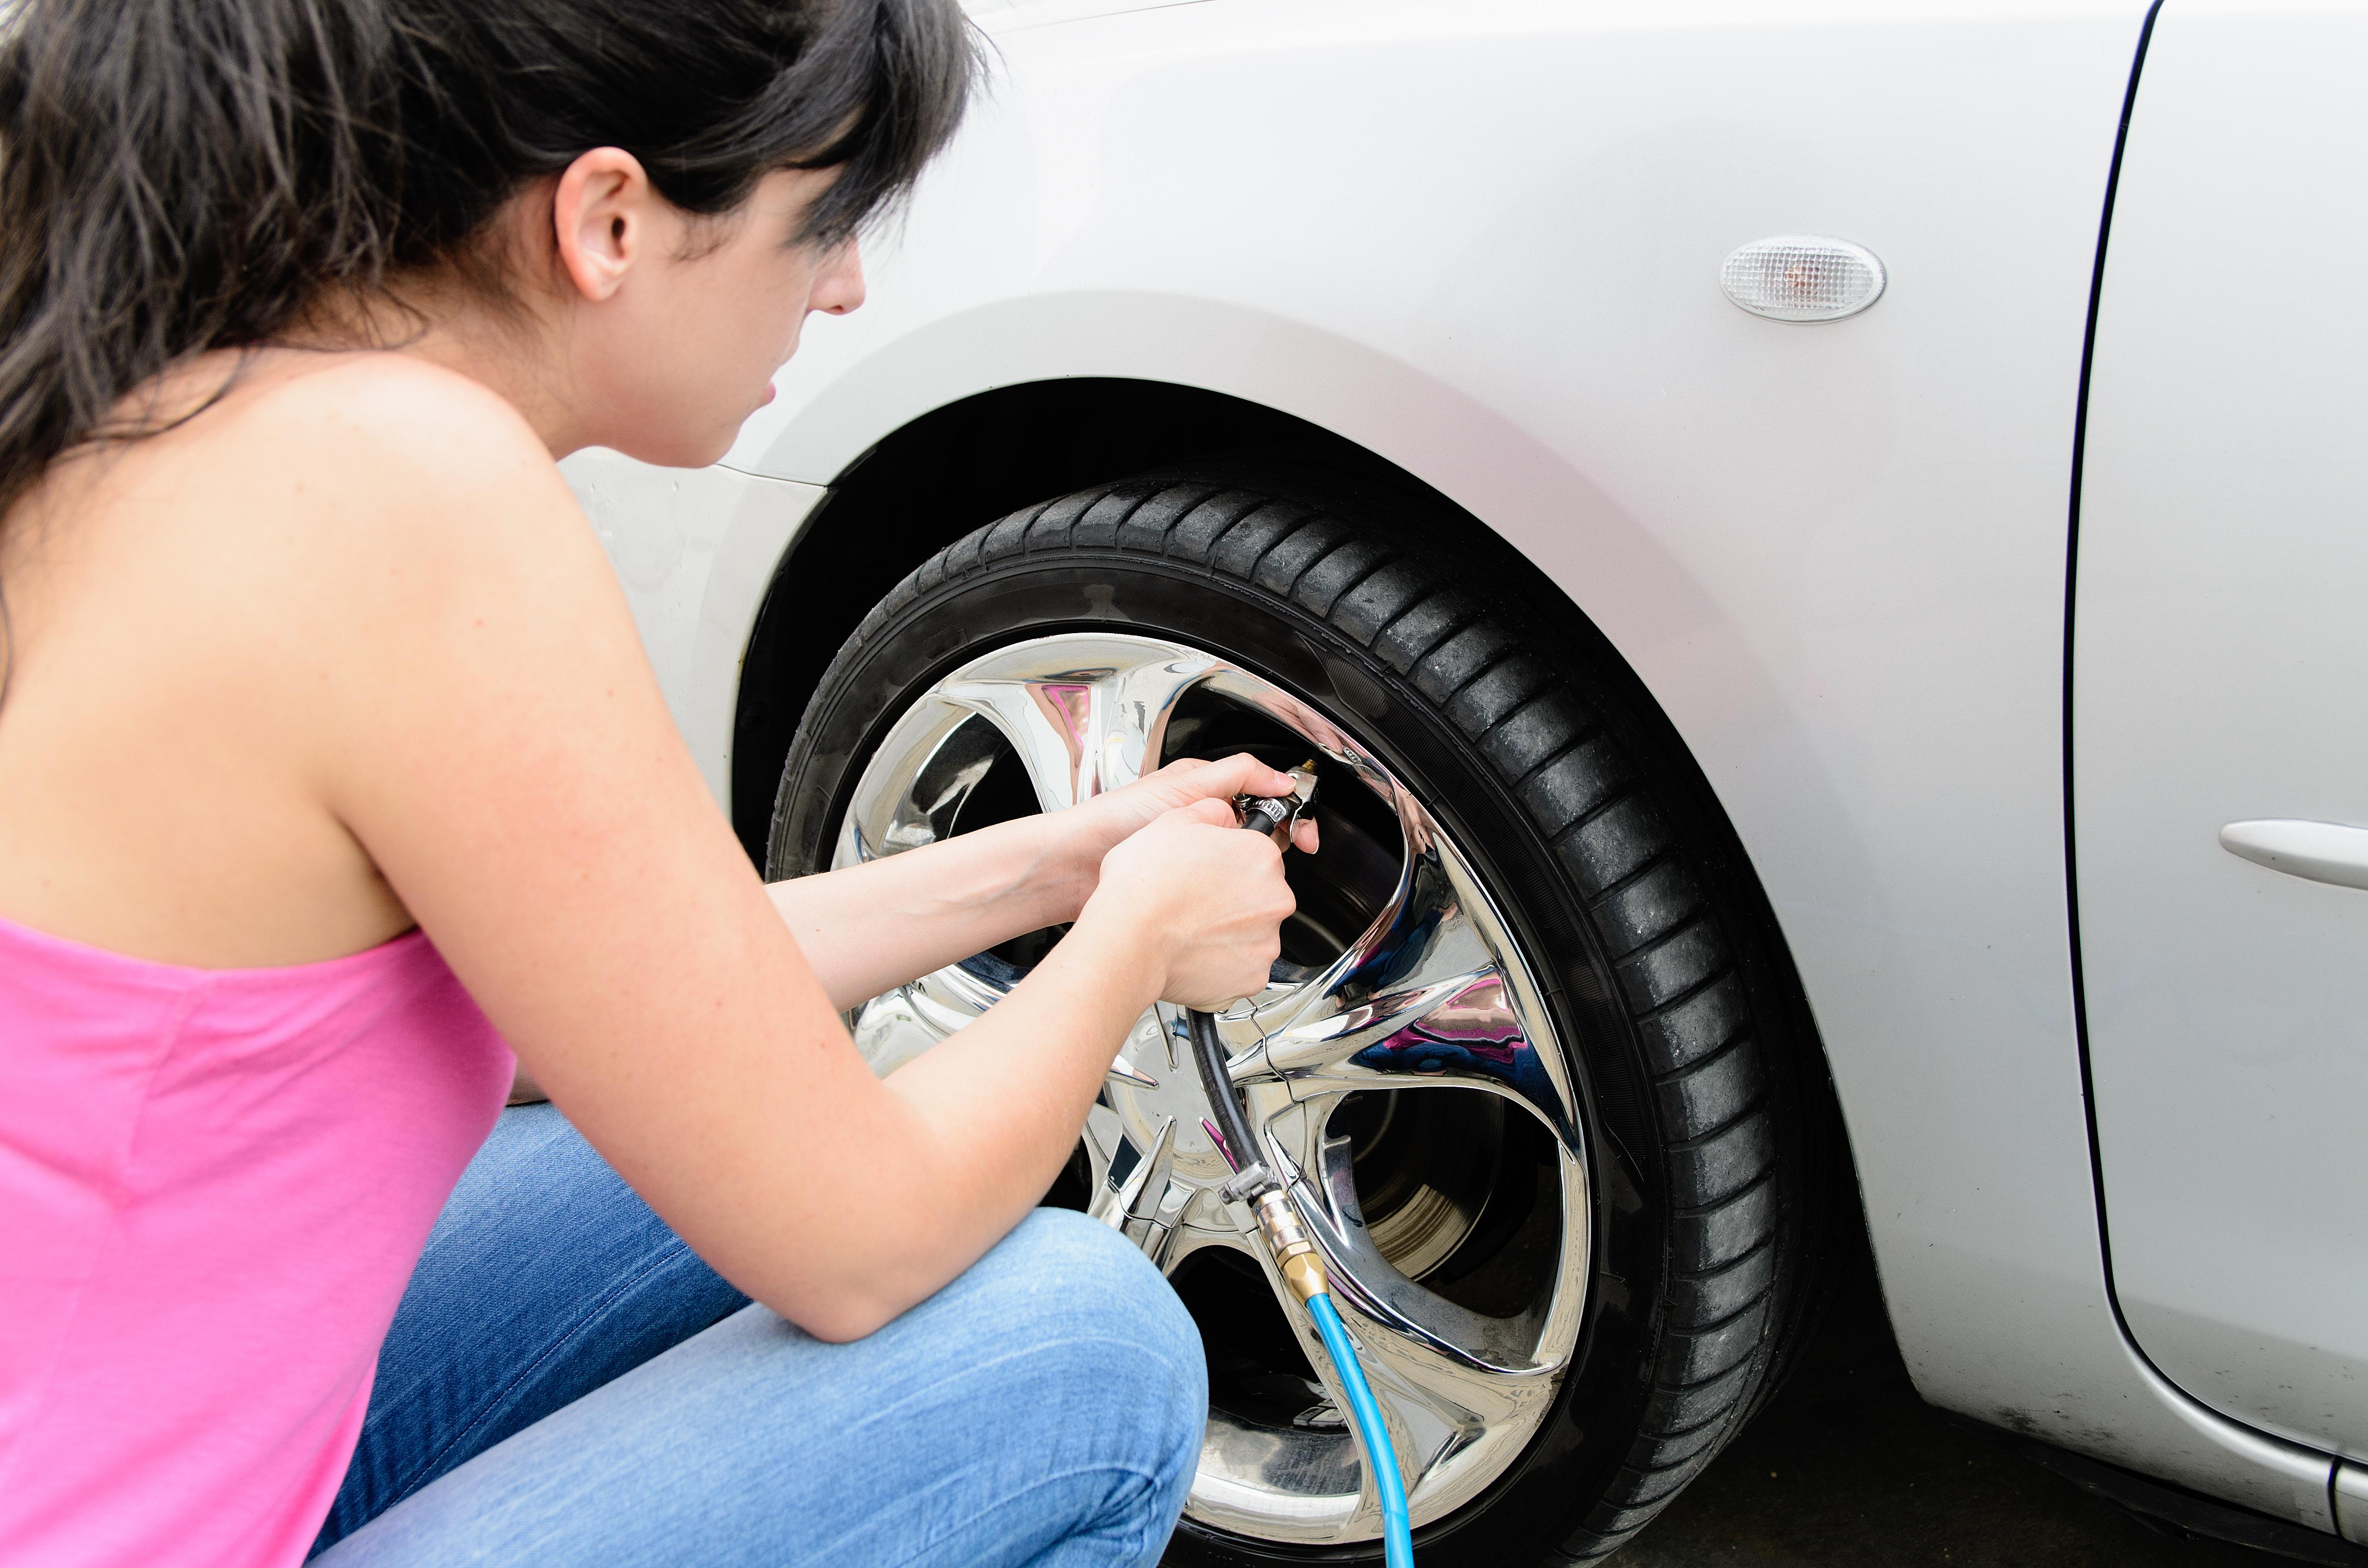 Las llantas deben estar con su nivel óptimo de aire o presión, así como de desgaste.